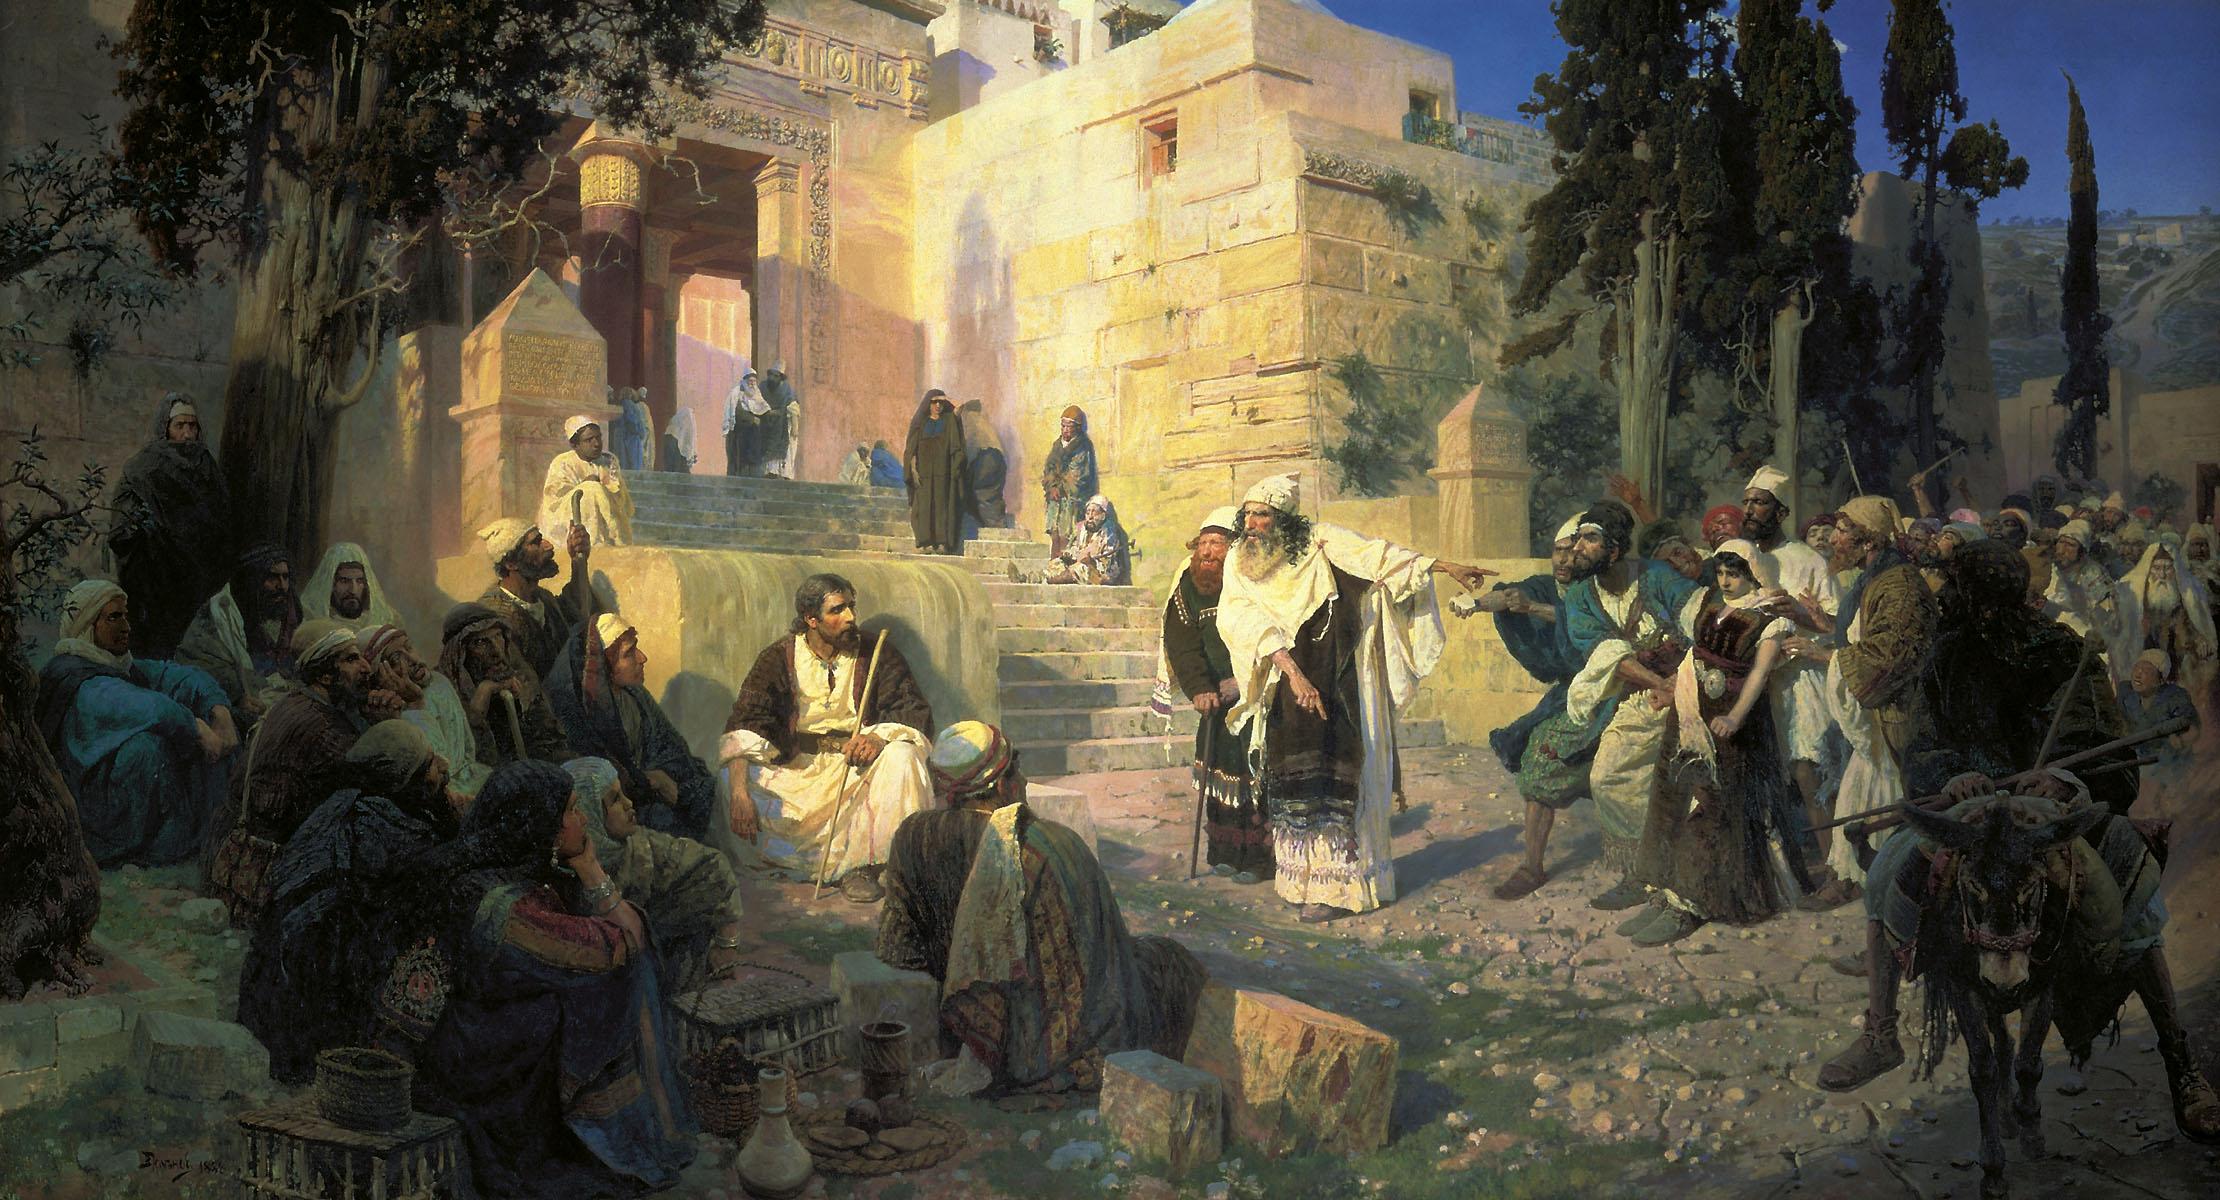 Le Christ et la pécheresse. Wikipedia.org